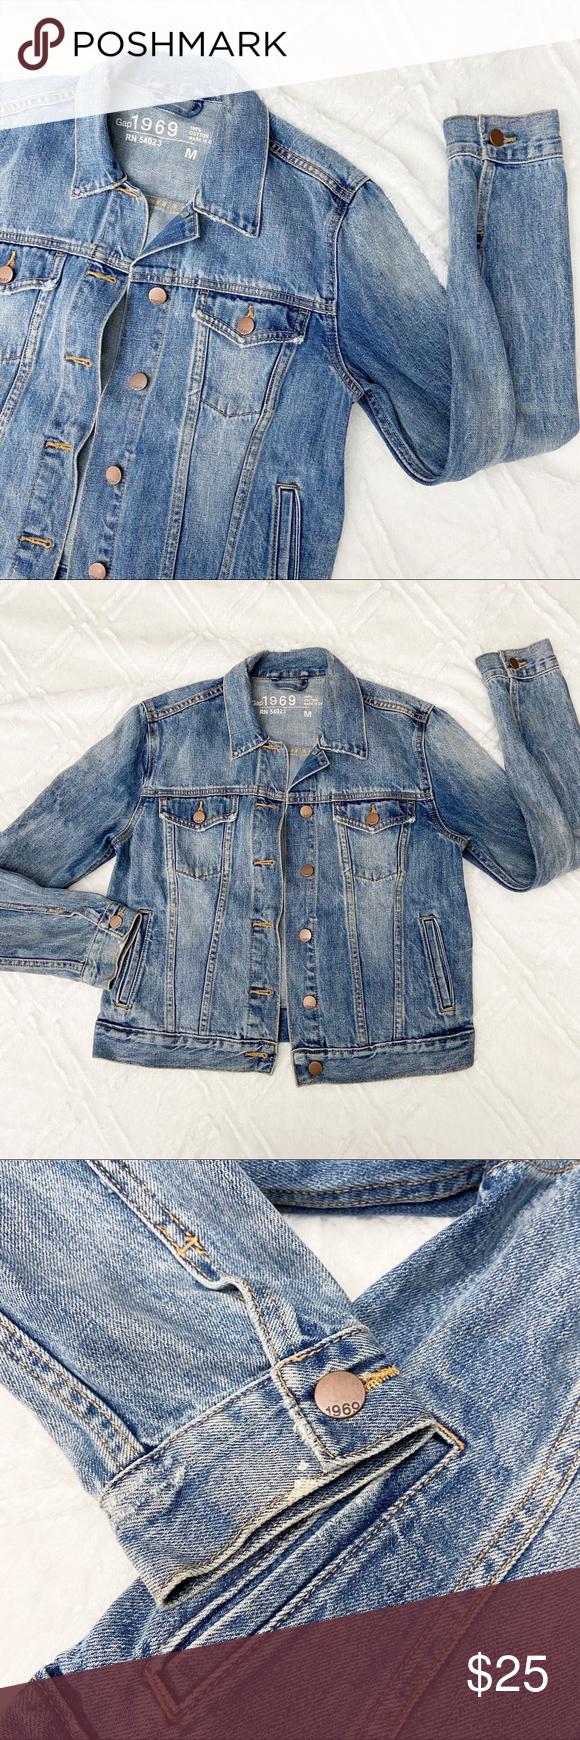 Gap Denim Jacket Women S Medium Blue Jean Coat Denim Jacket Women Gap Denim Jacket Gap Denim [ 1740 x 580 Pixel ]